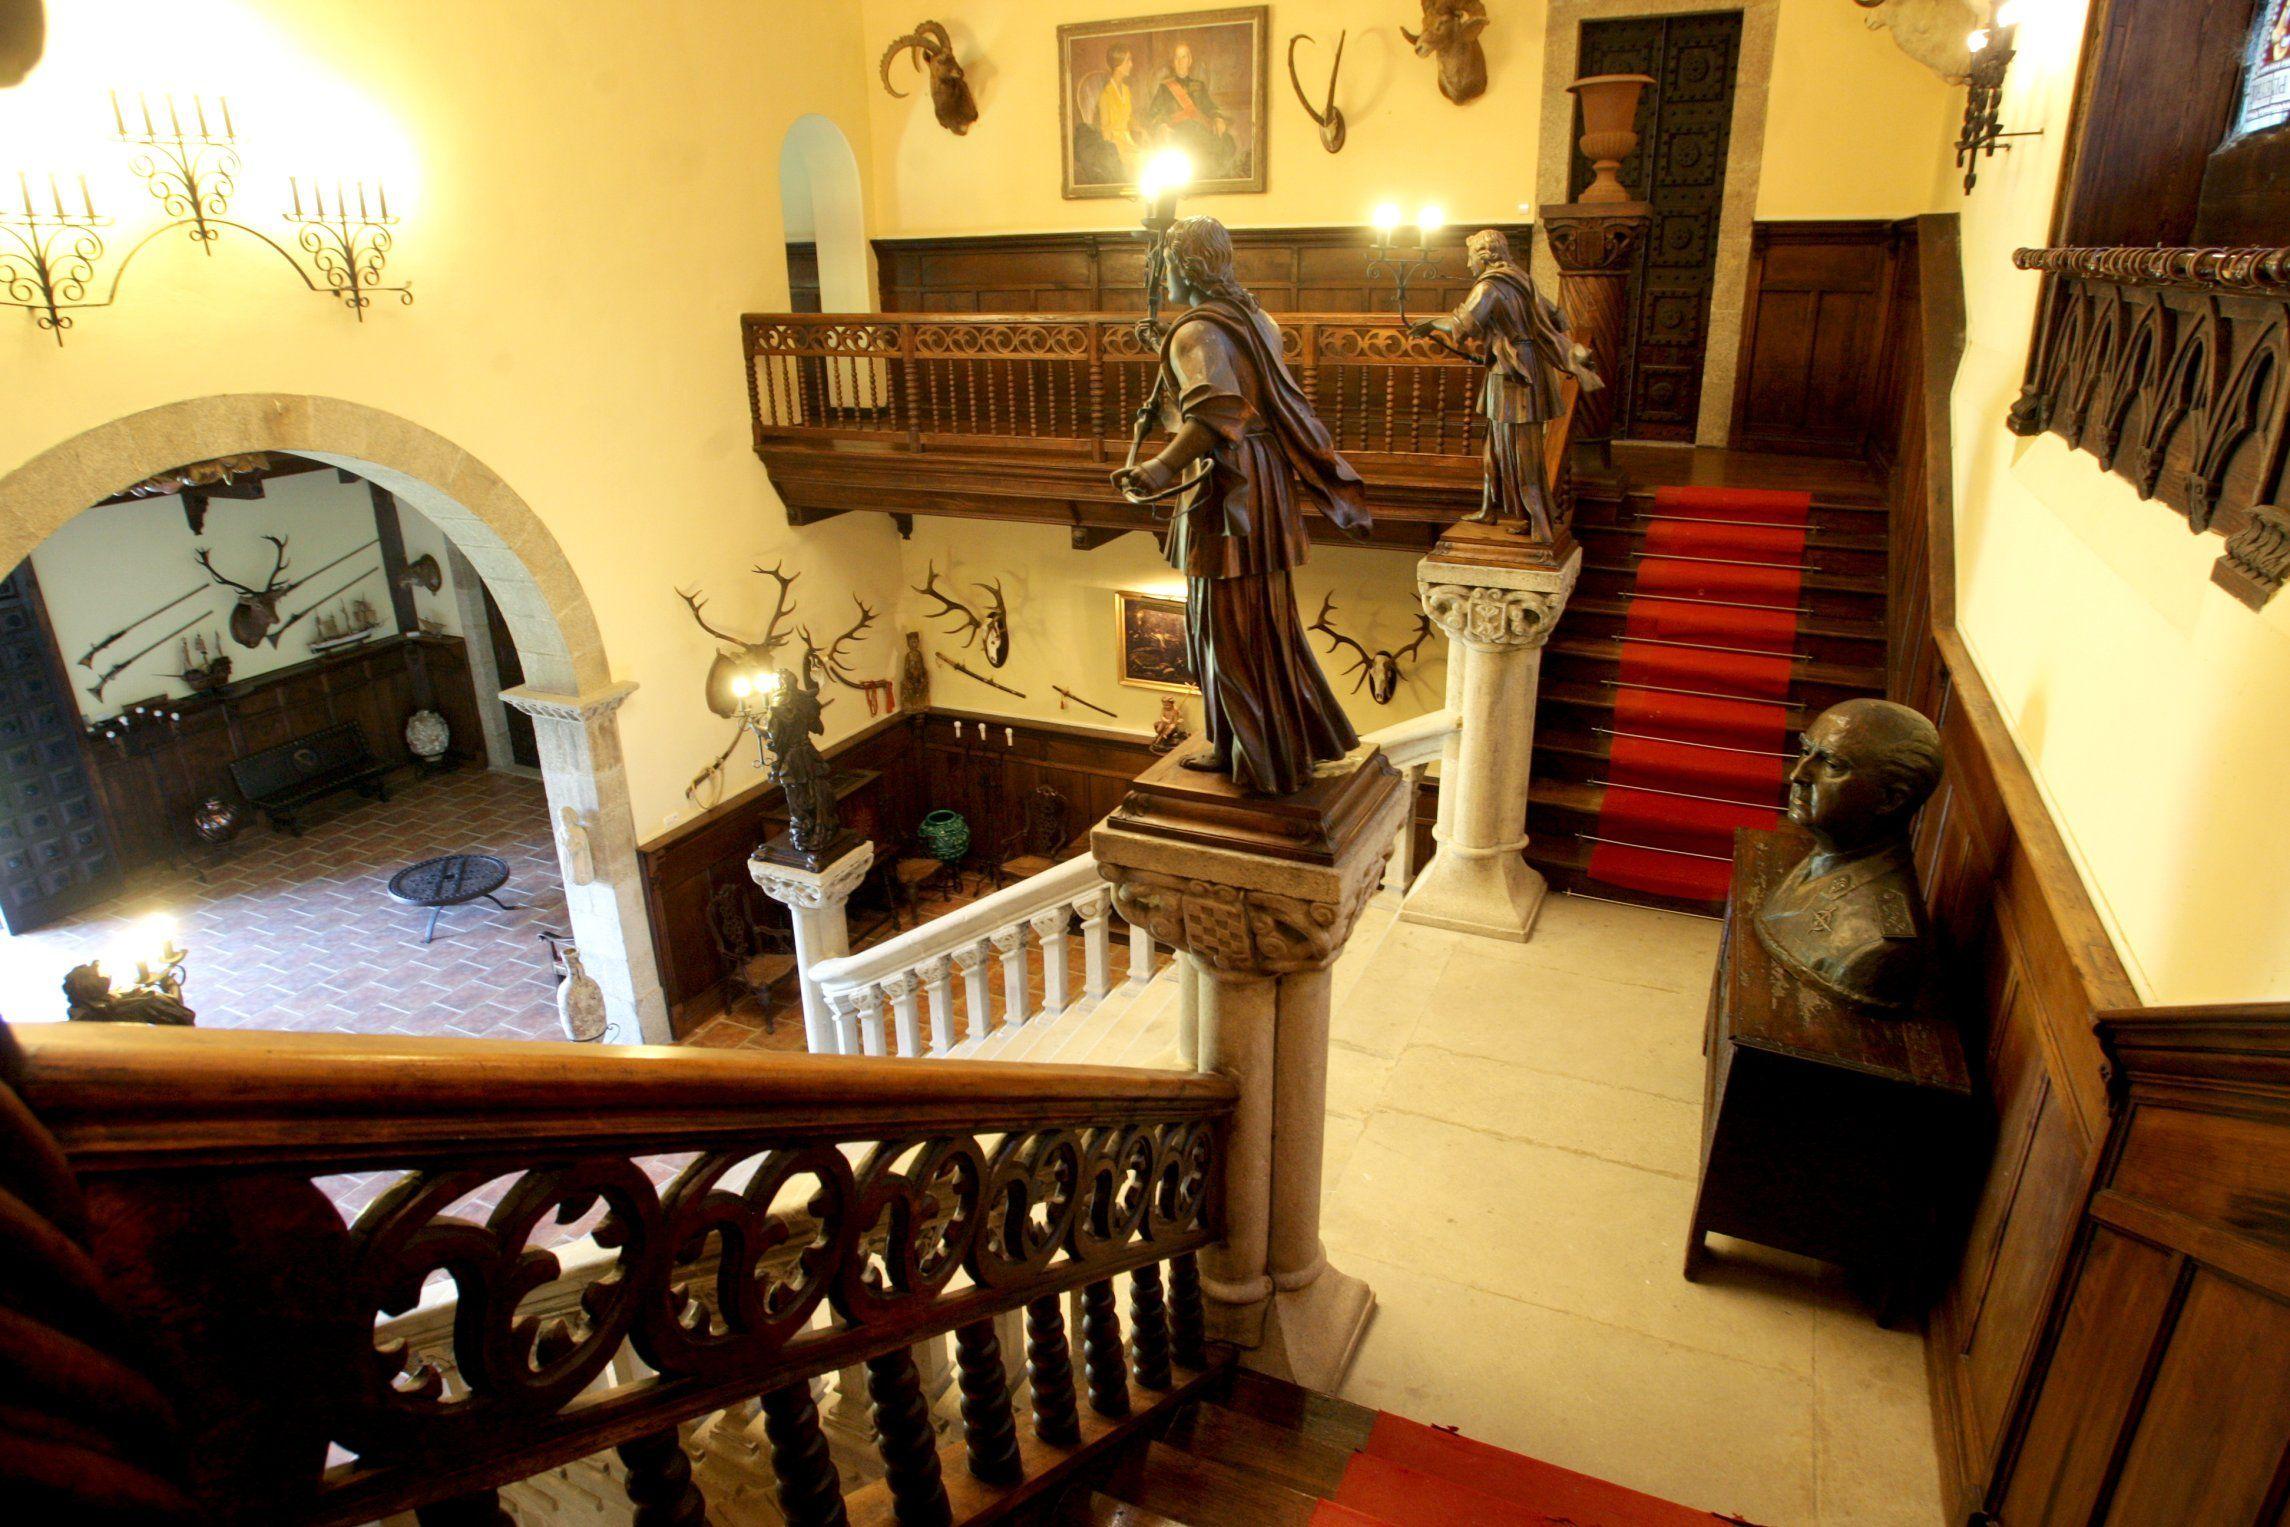 Bienes inseparables del pazo de Meirás.Escalera principal de entrada al pazo de Meirás llena de estatuas, adornos, cuadros y trofeos